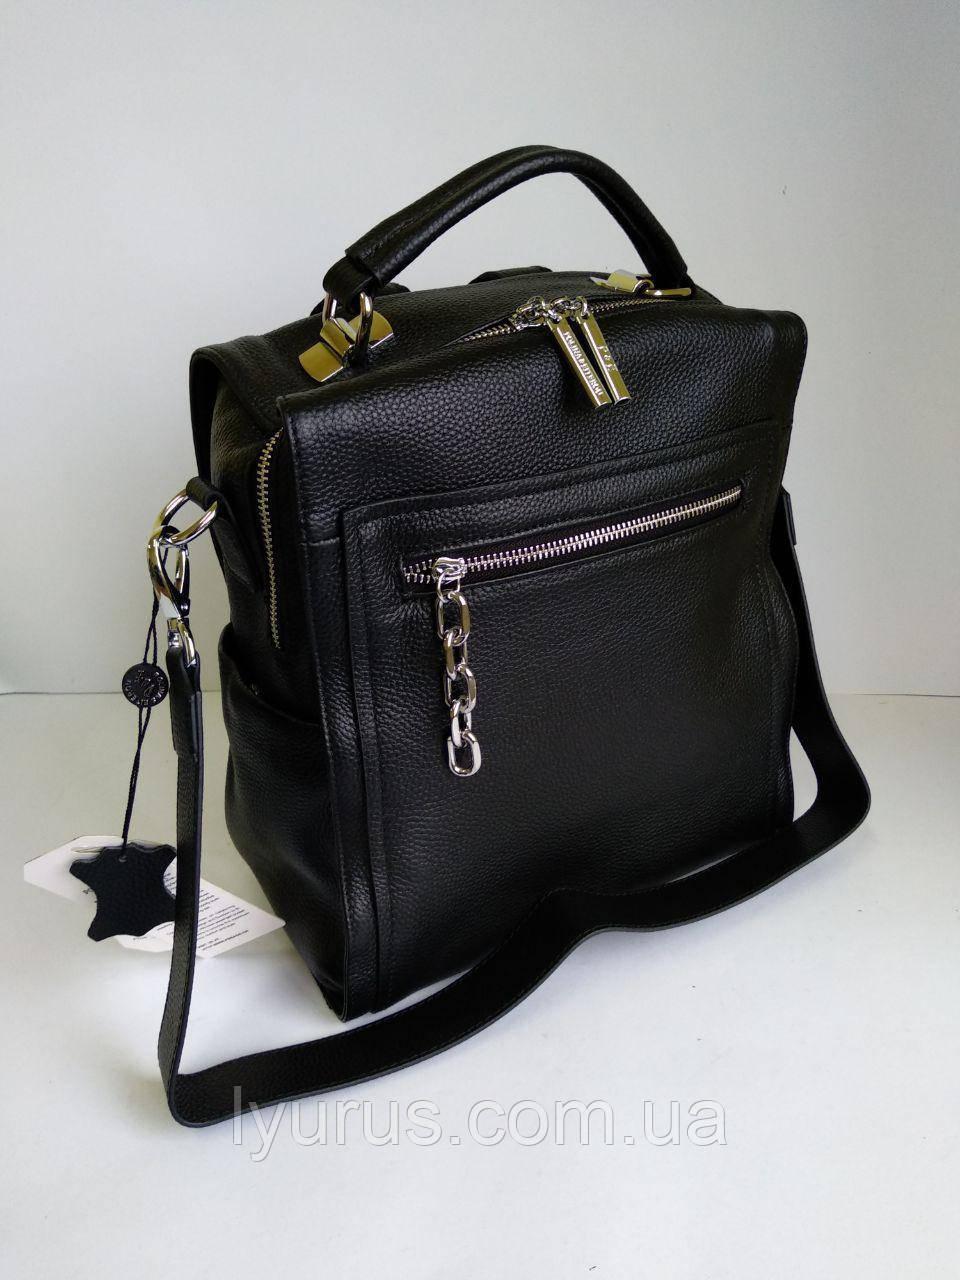 Женский кожаный рюкзак сумка на молнии